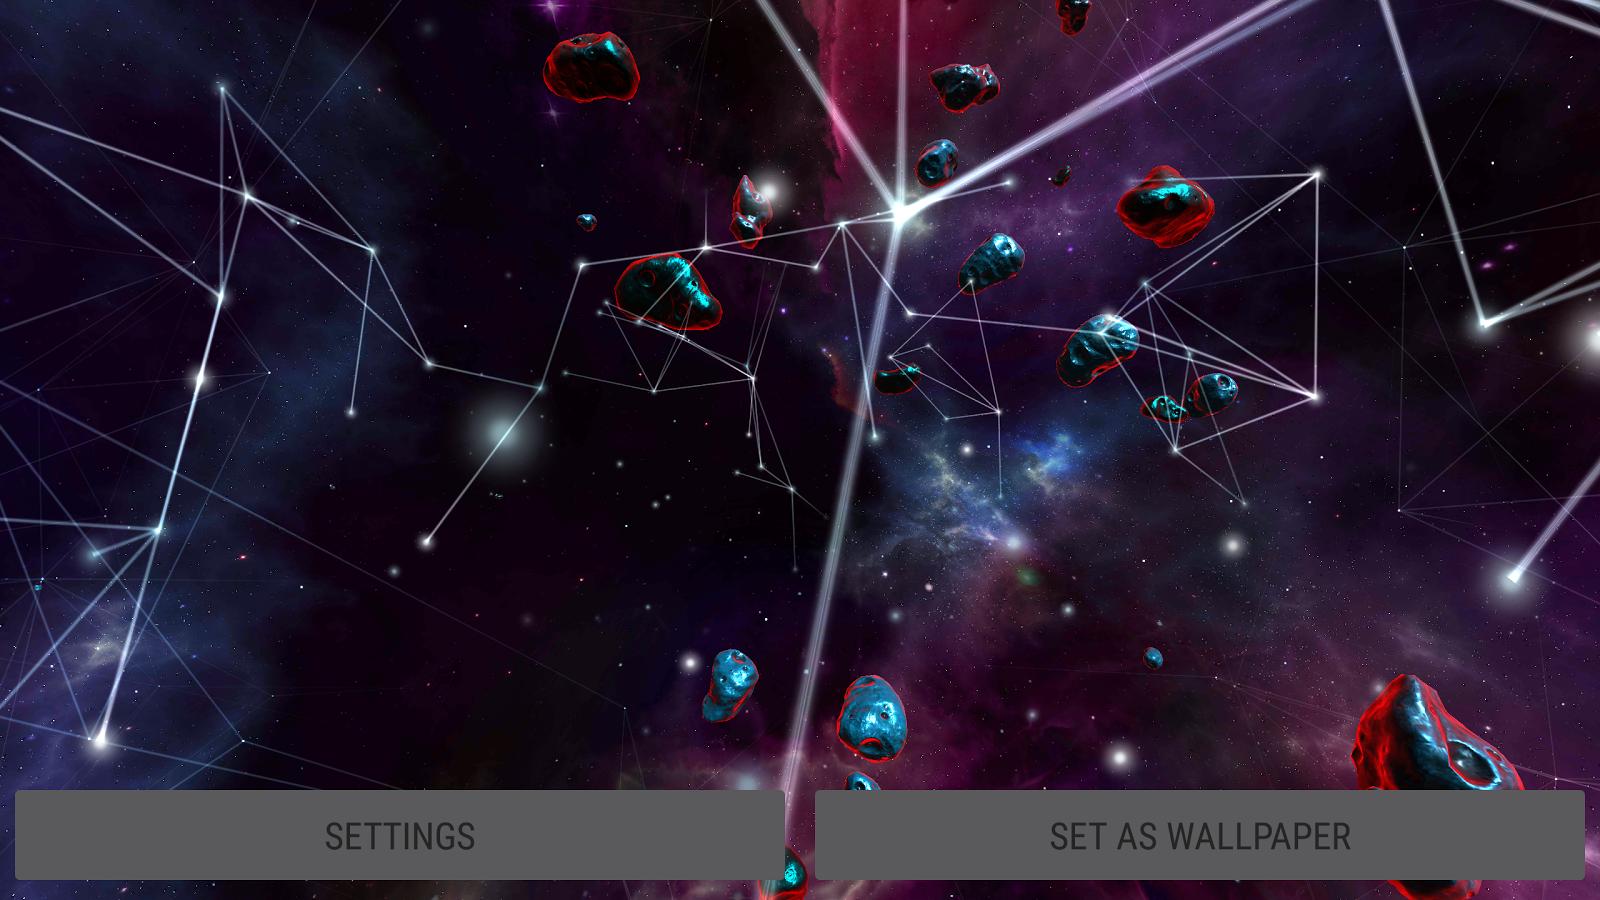 Particle Plexus Sci-Fi 3D Live Wallpaper Screenshot 18